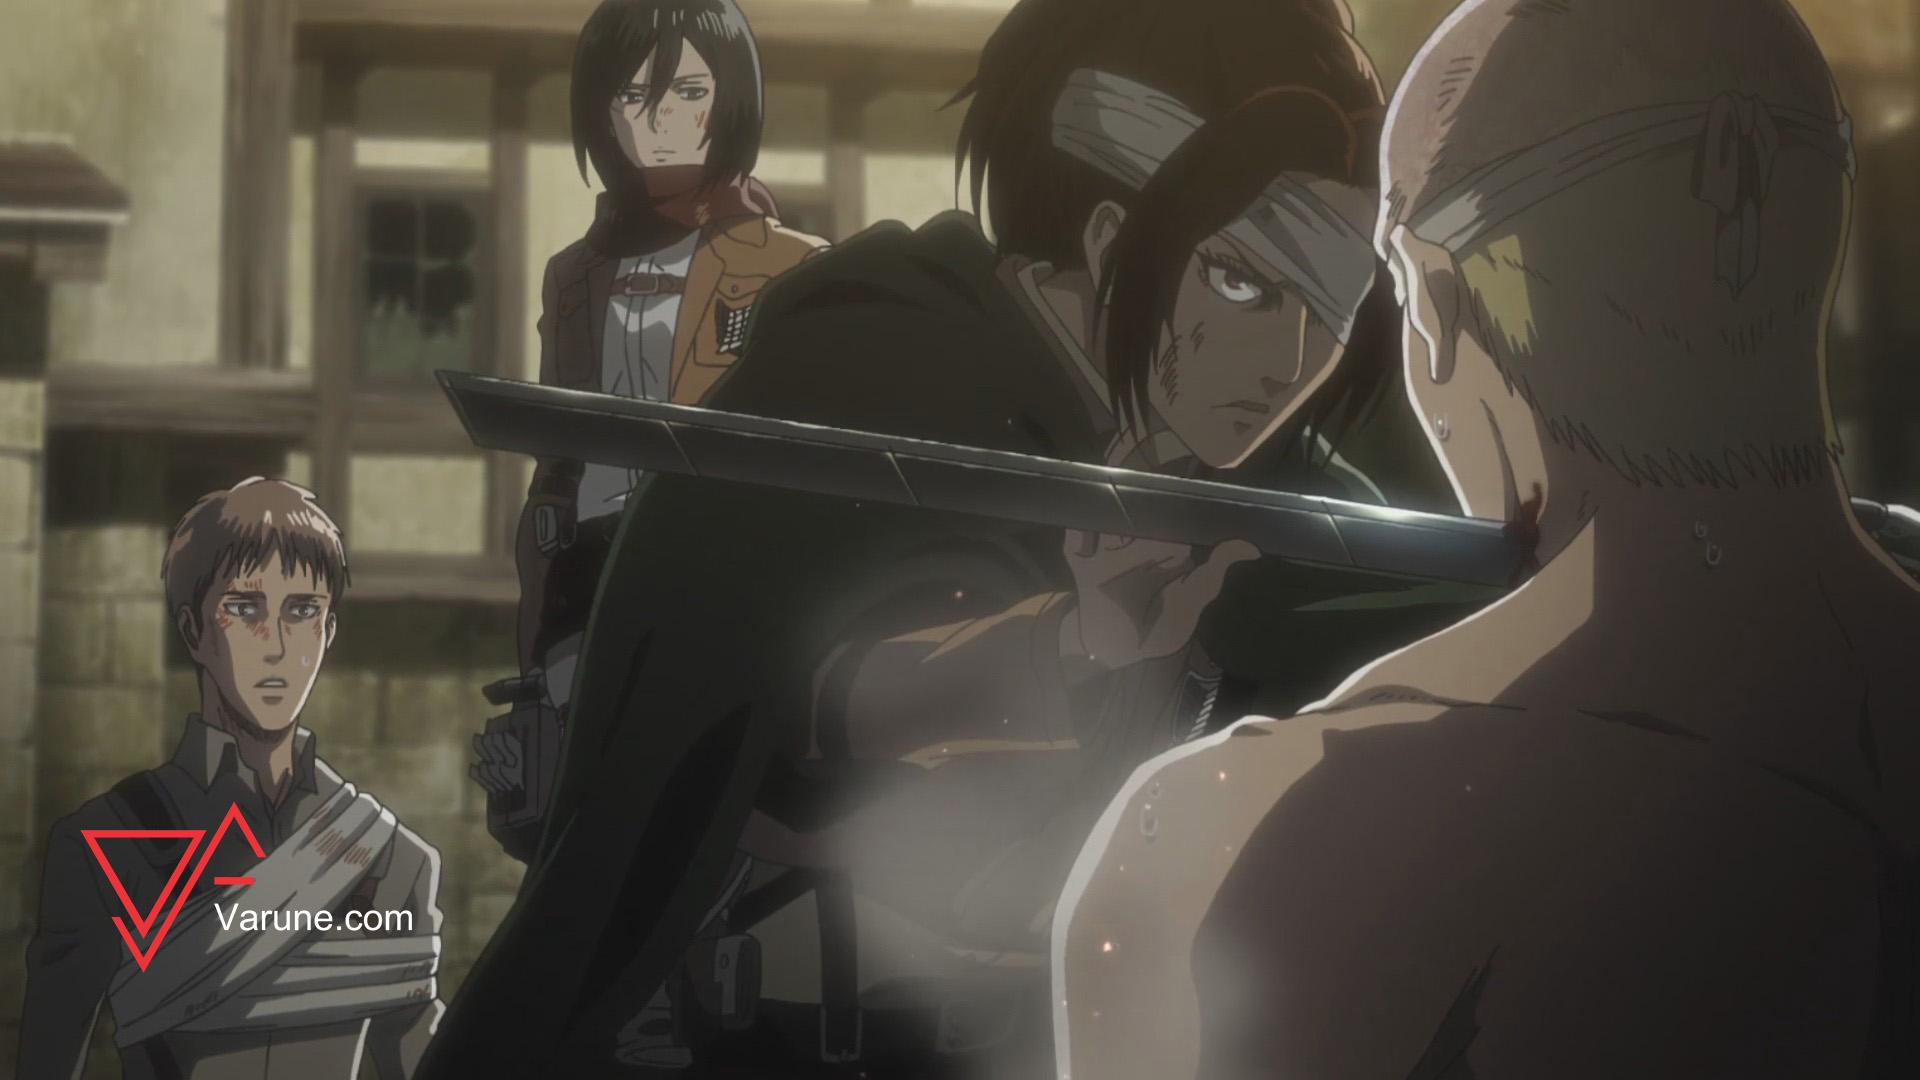 قسمت ششم از بخش دوم فصل سوم انیمه Attack on Titan